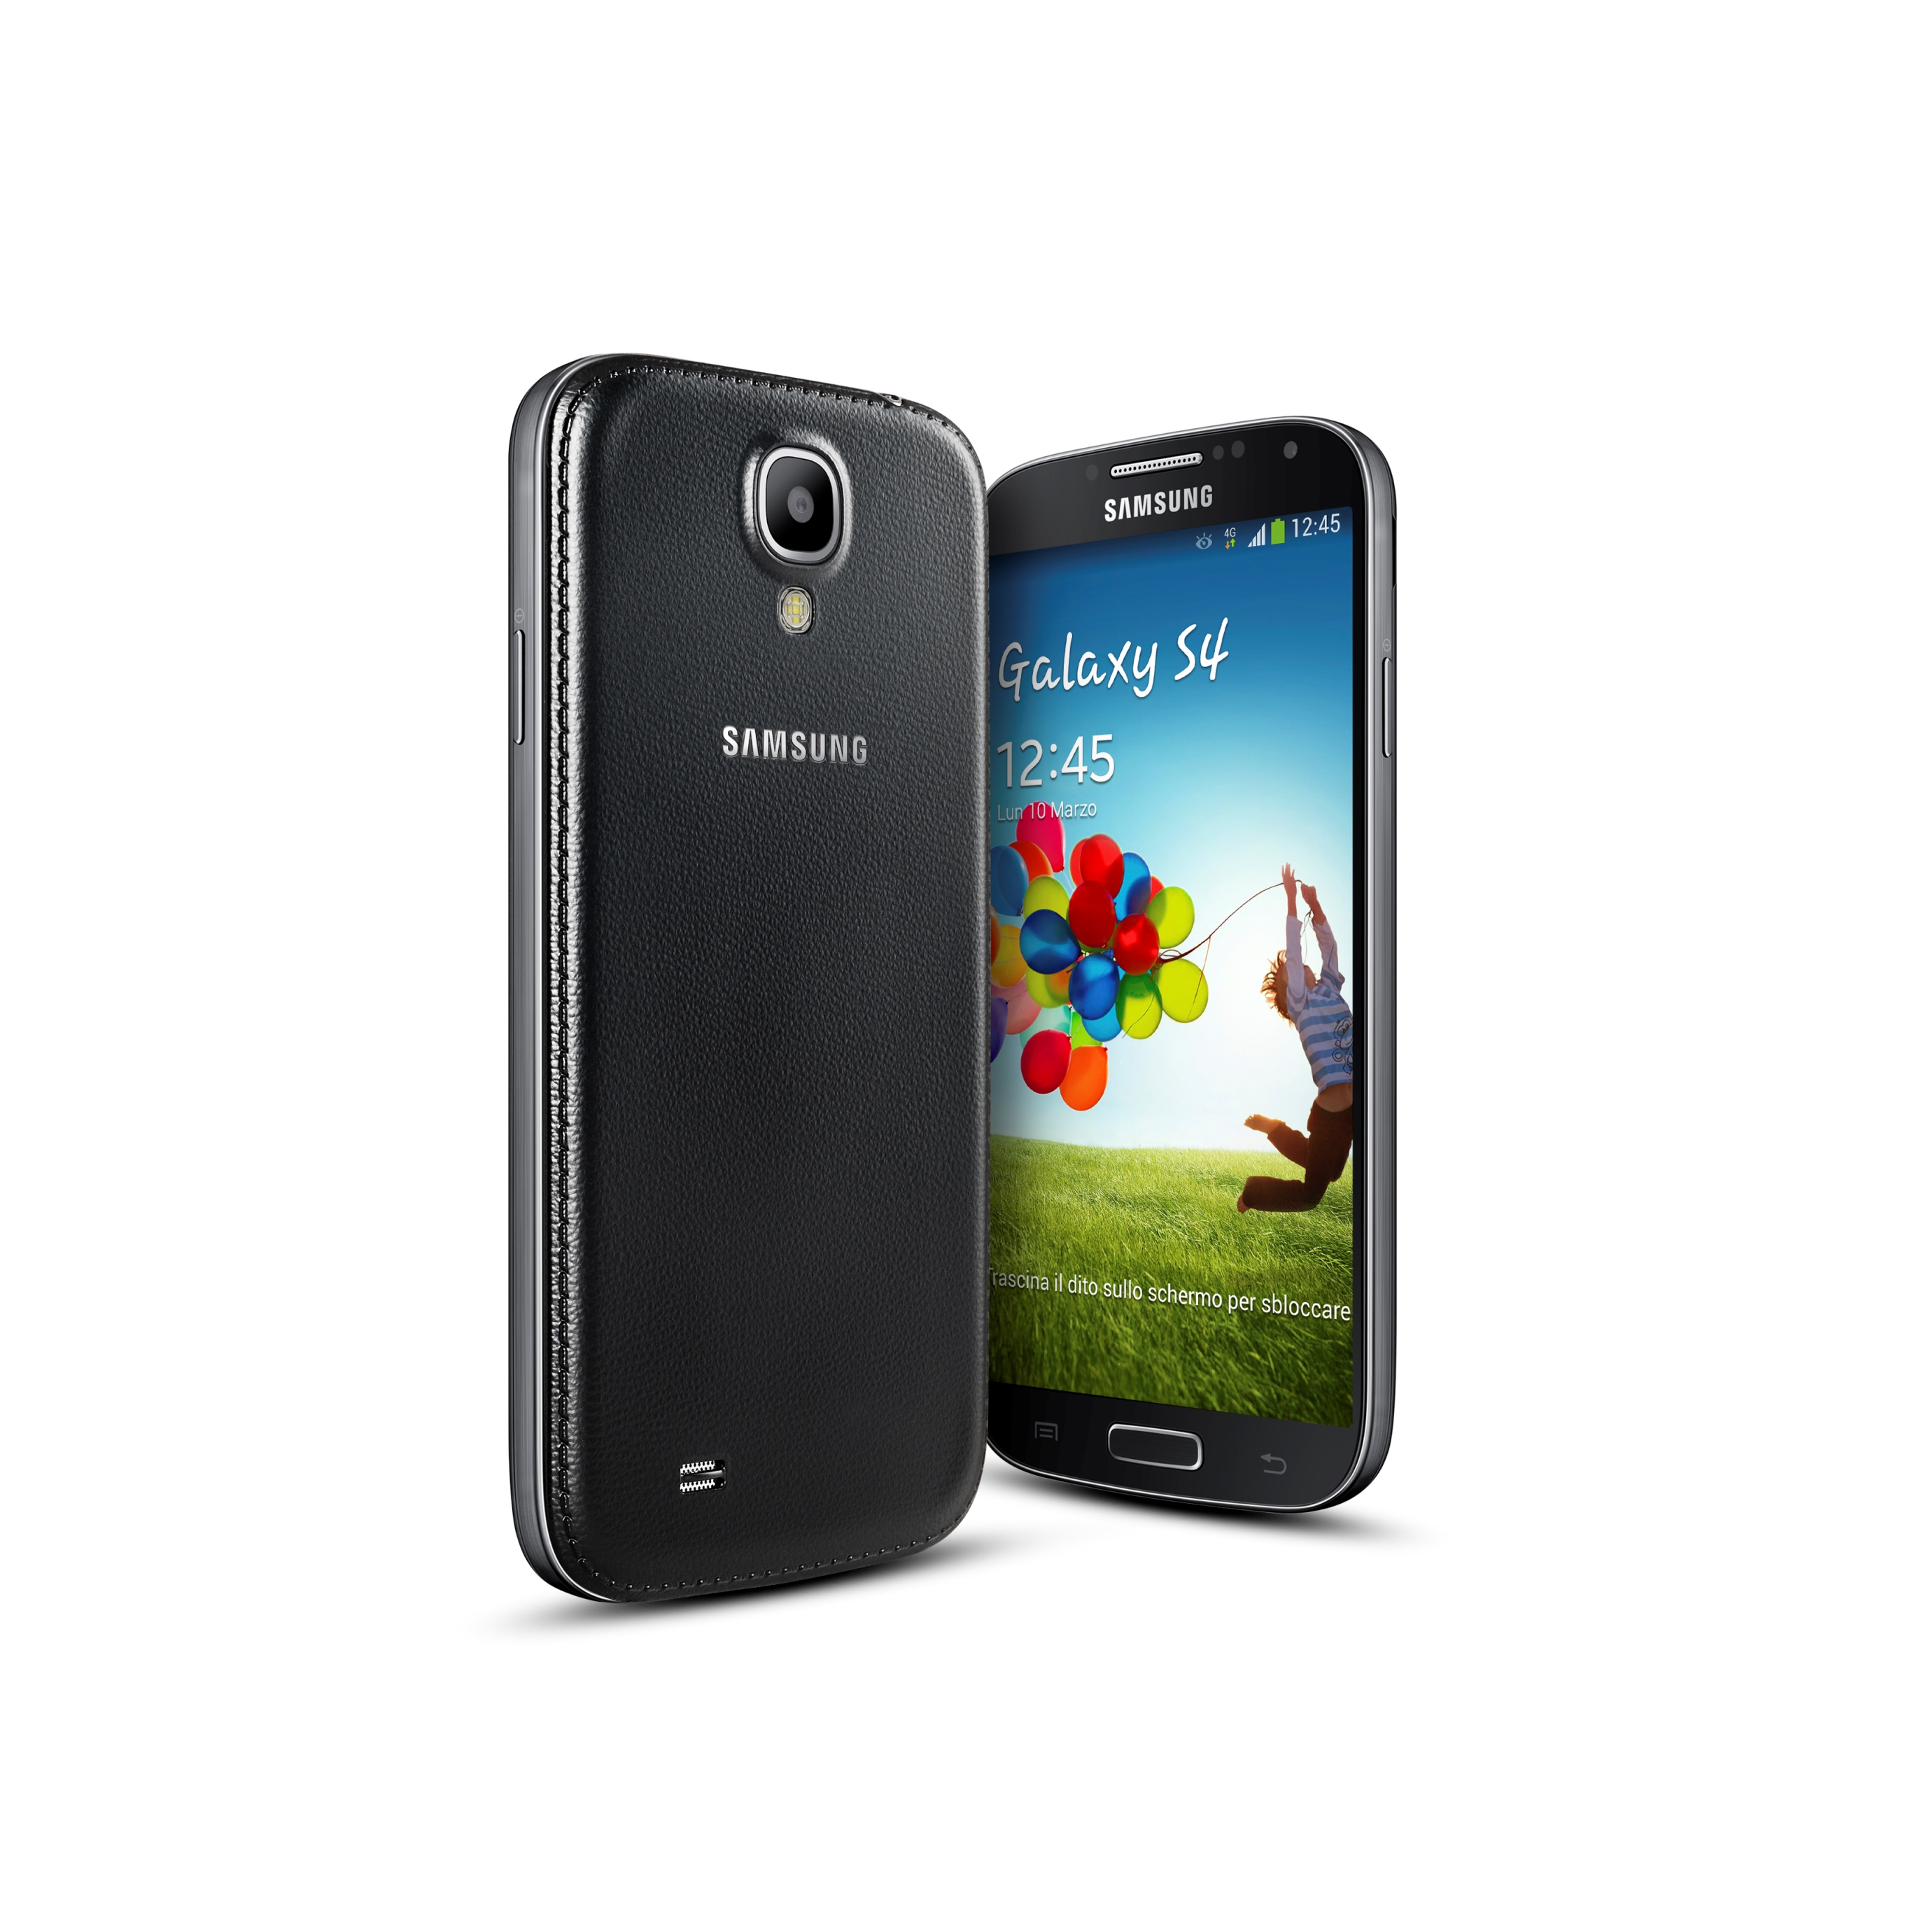 Samsung Galaxy S4 Black Edition: in uscita il tutto-nero